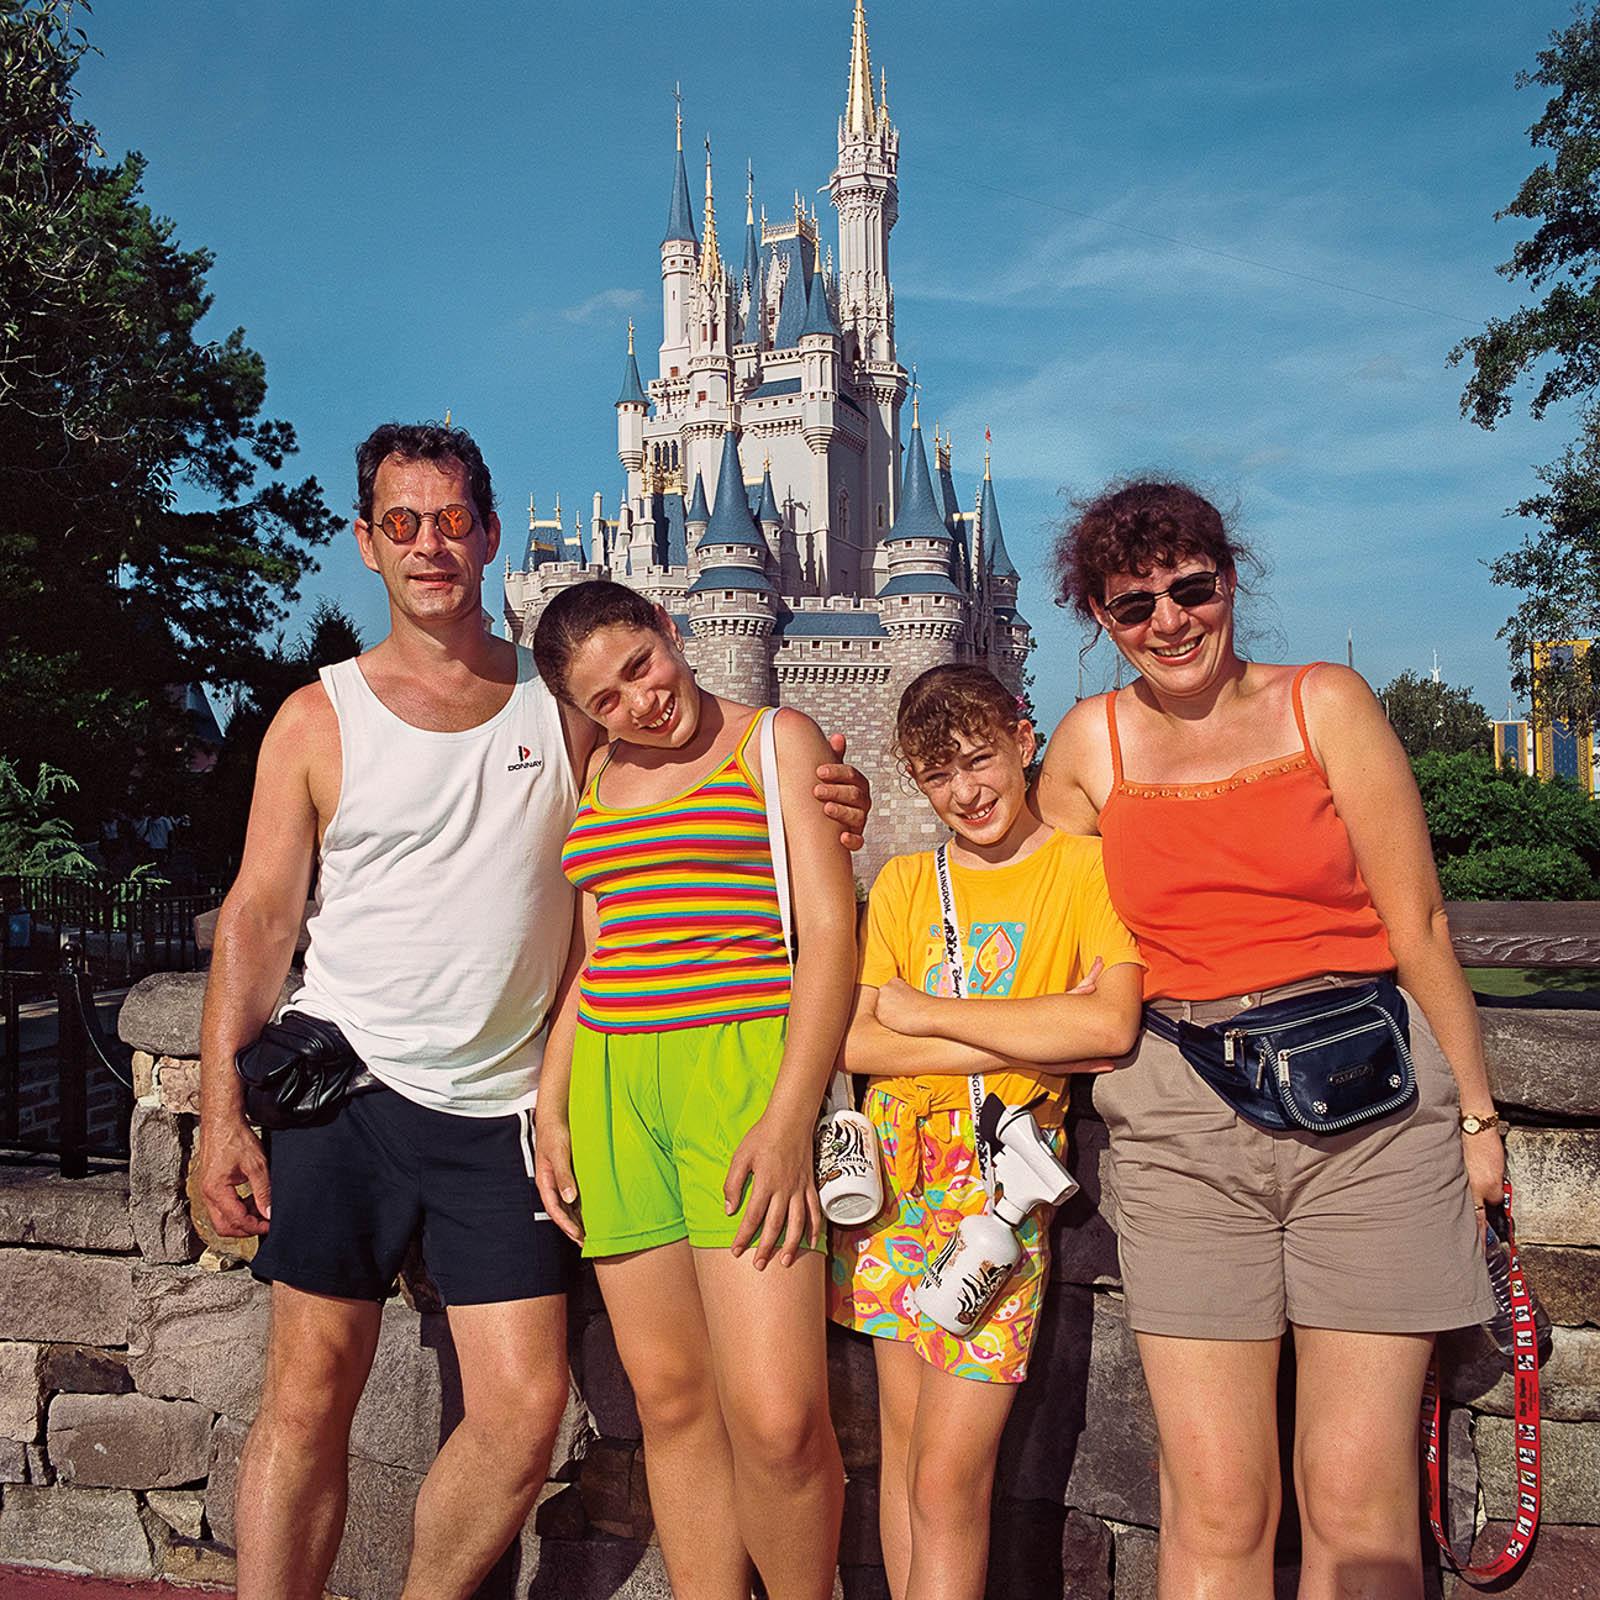 Family at Disneyworld, Florida 2000